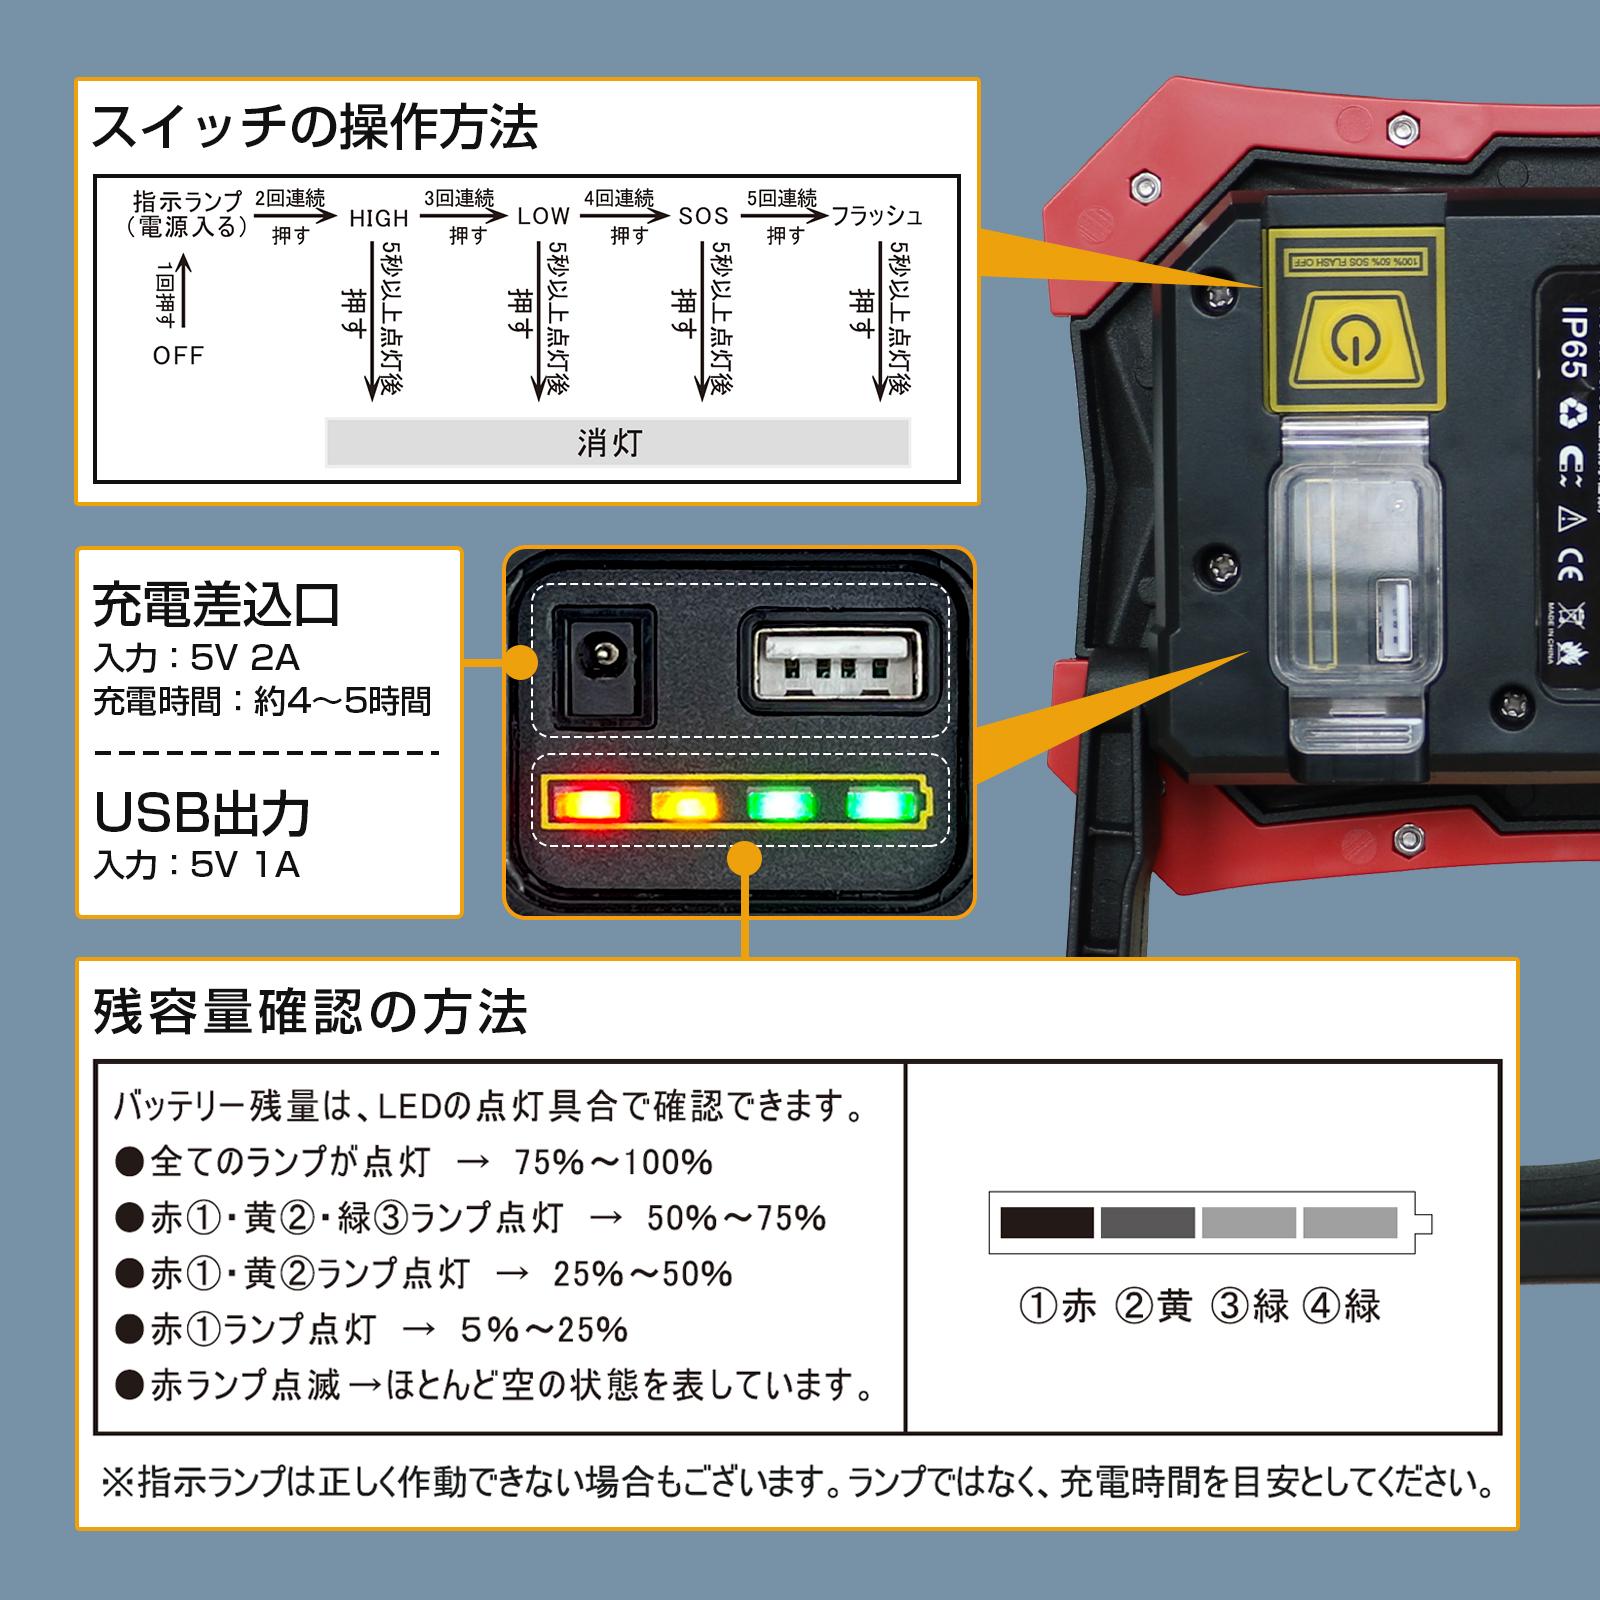 実用新案登録 LED 投光器 充電式 30W N50磁石 USBポート付 ポータブル作業灯 折り畳み式 夜間作業 アウトドア 防災グッズ